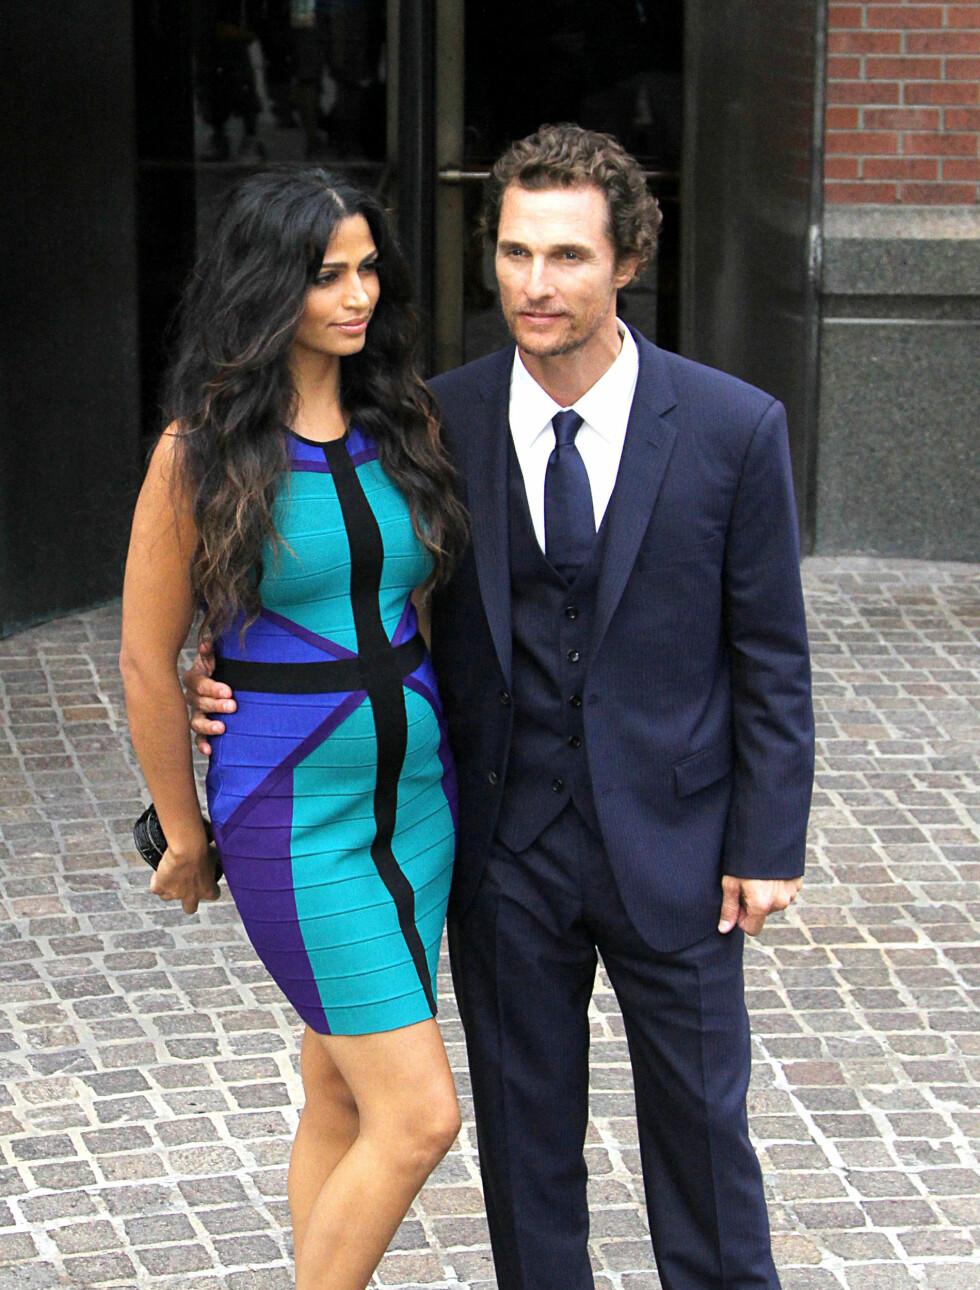 MISTET LYSTEN: Camilla Alves var ikke lenger tiltrukket av ektemannen under hans fysiske transformasjon. Foto: All Over Press